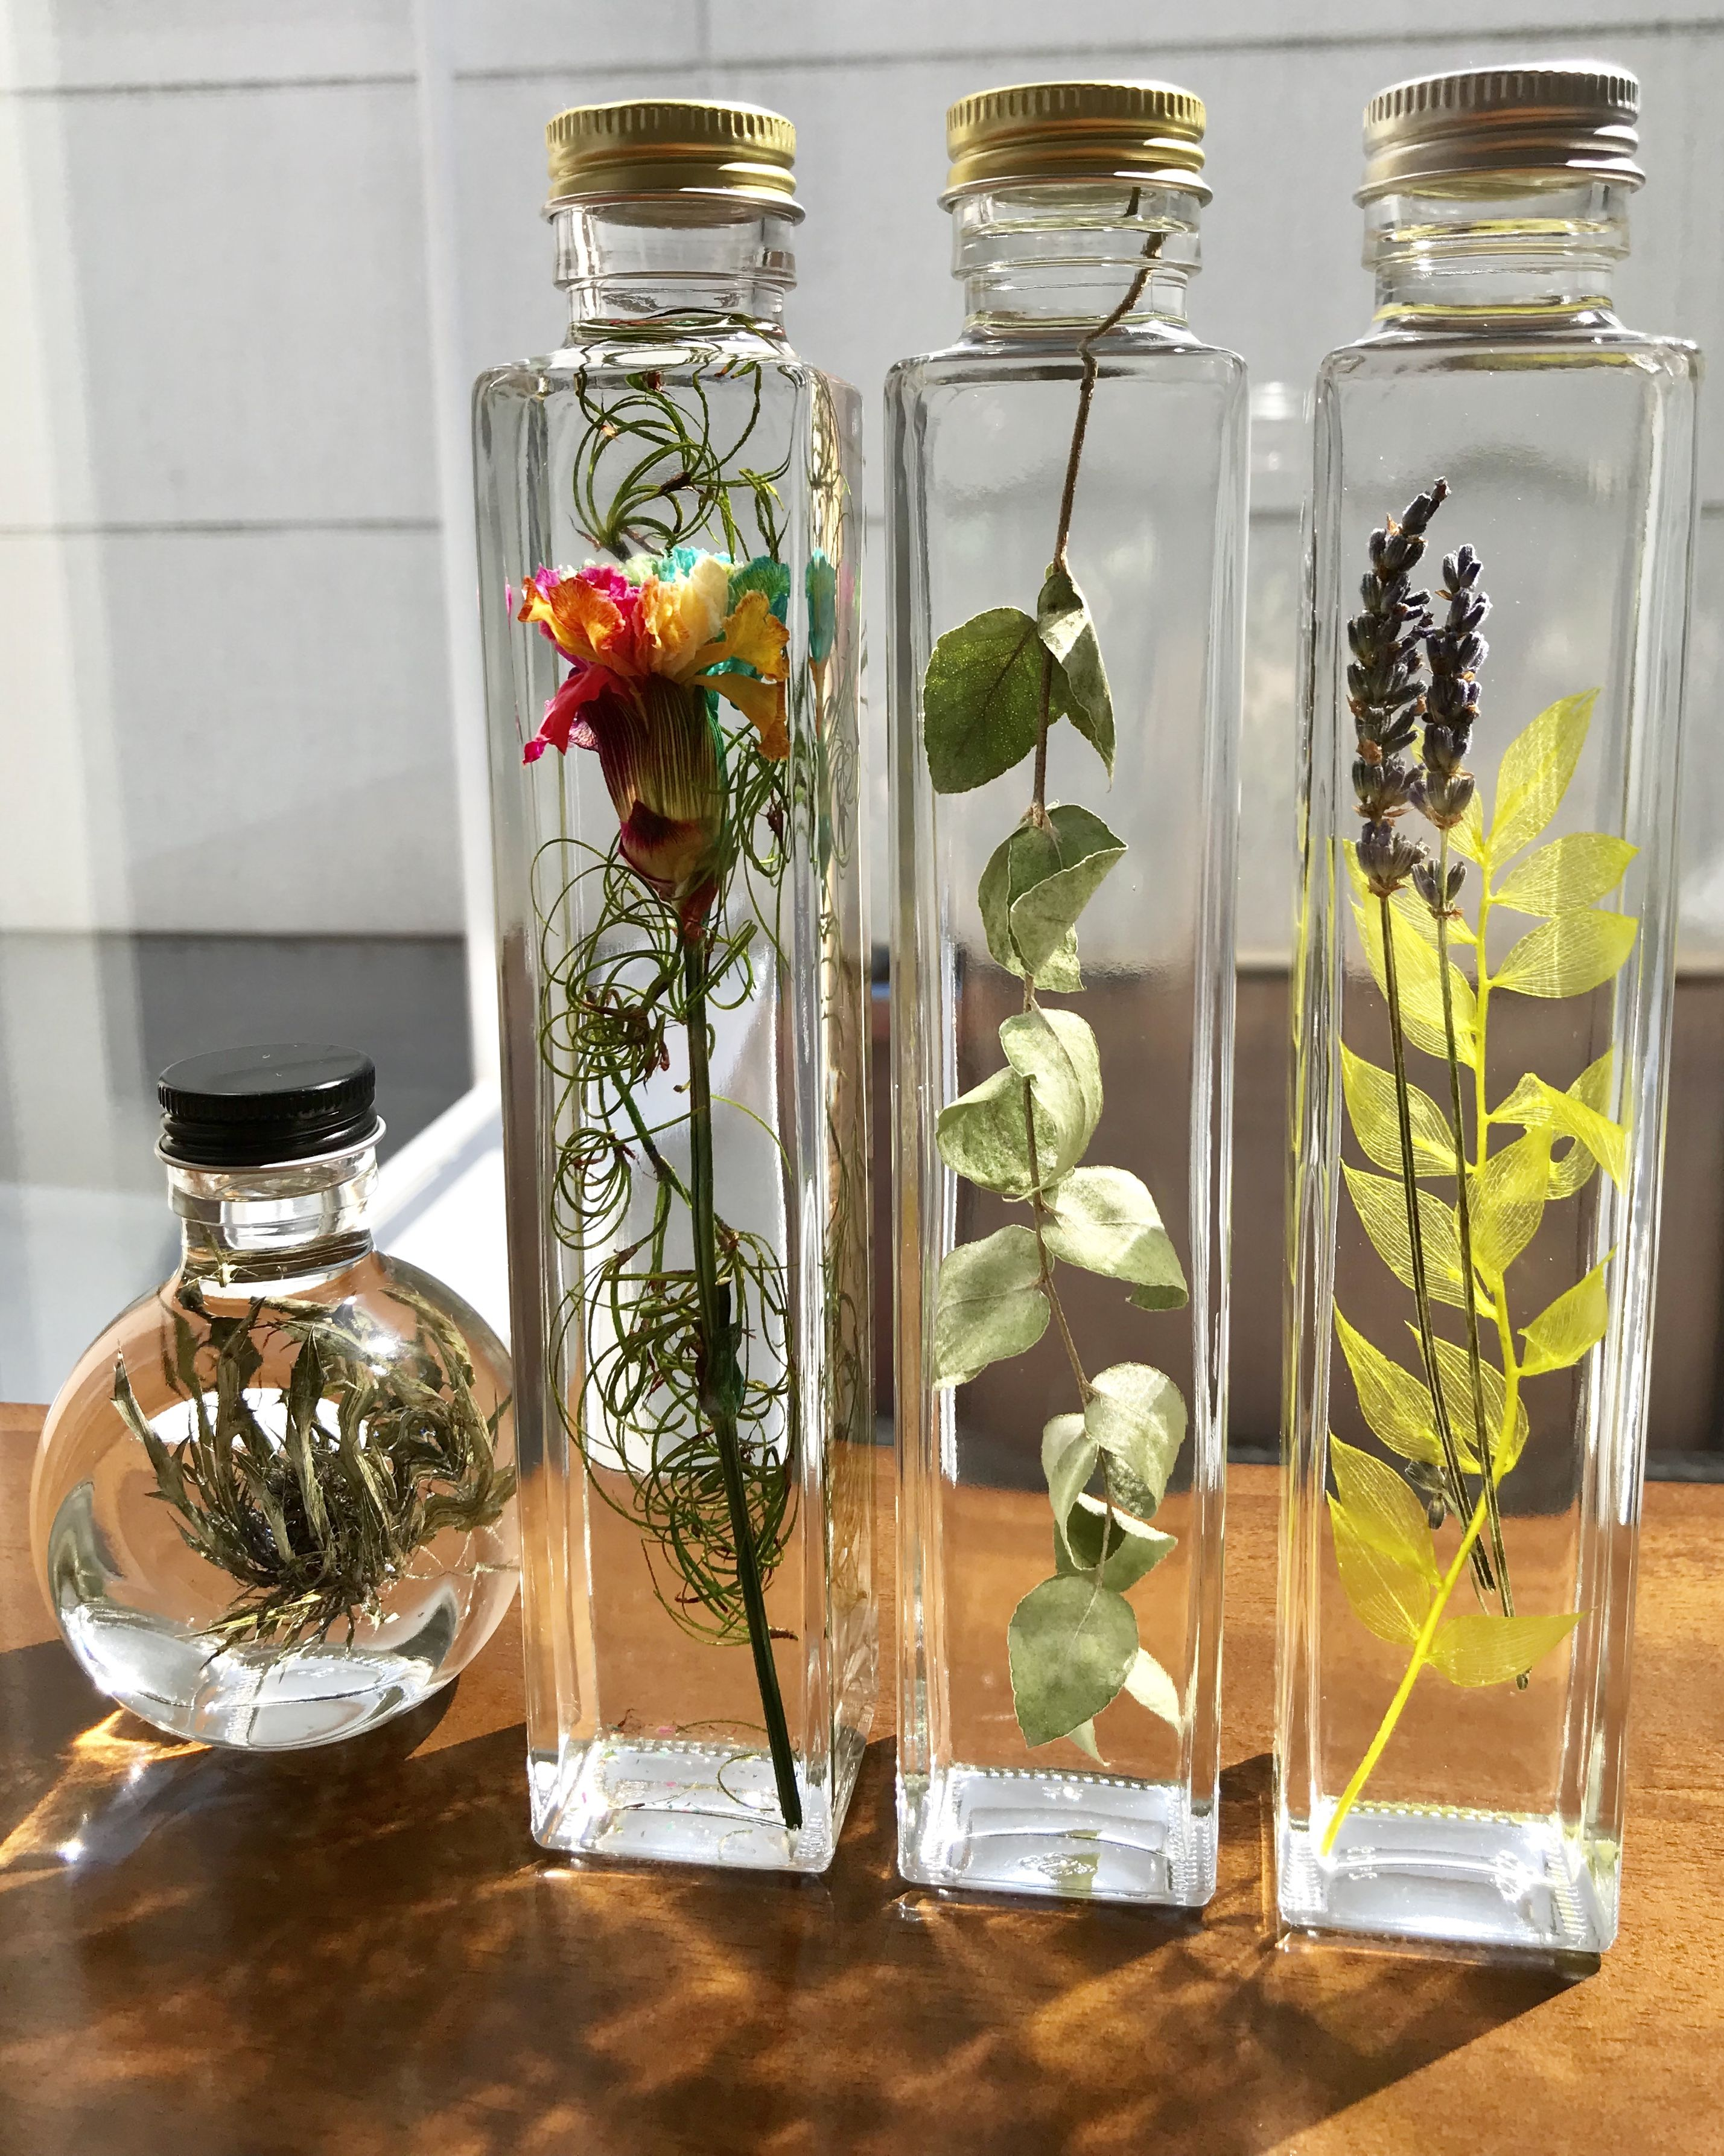 オーダーメイド ハーバリウム *通販*herbarium_hikari Herbarium, Herbalism